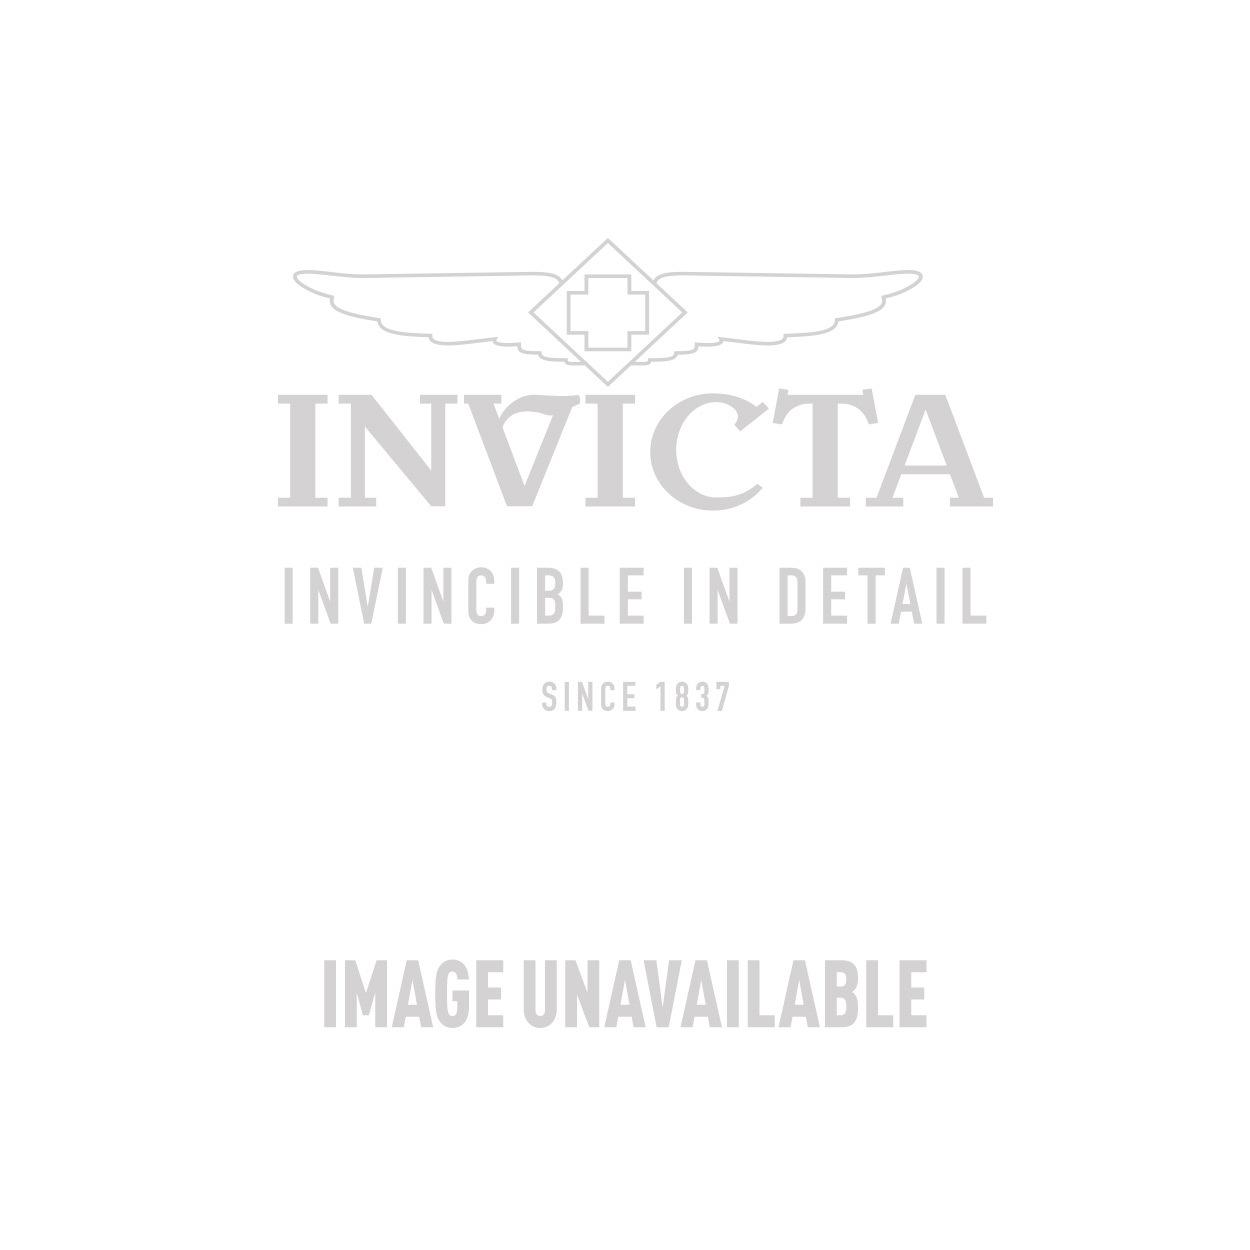 Invicta Model 27701